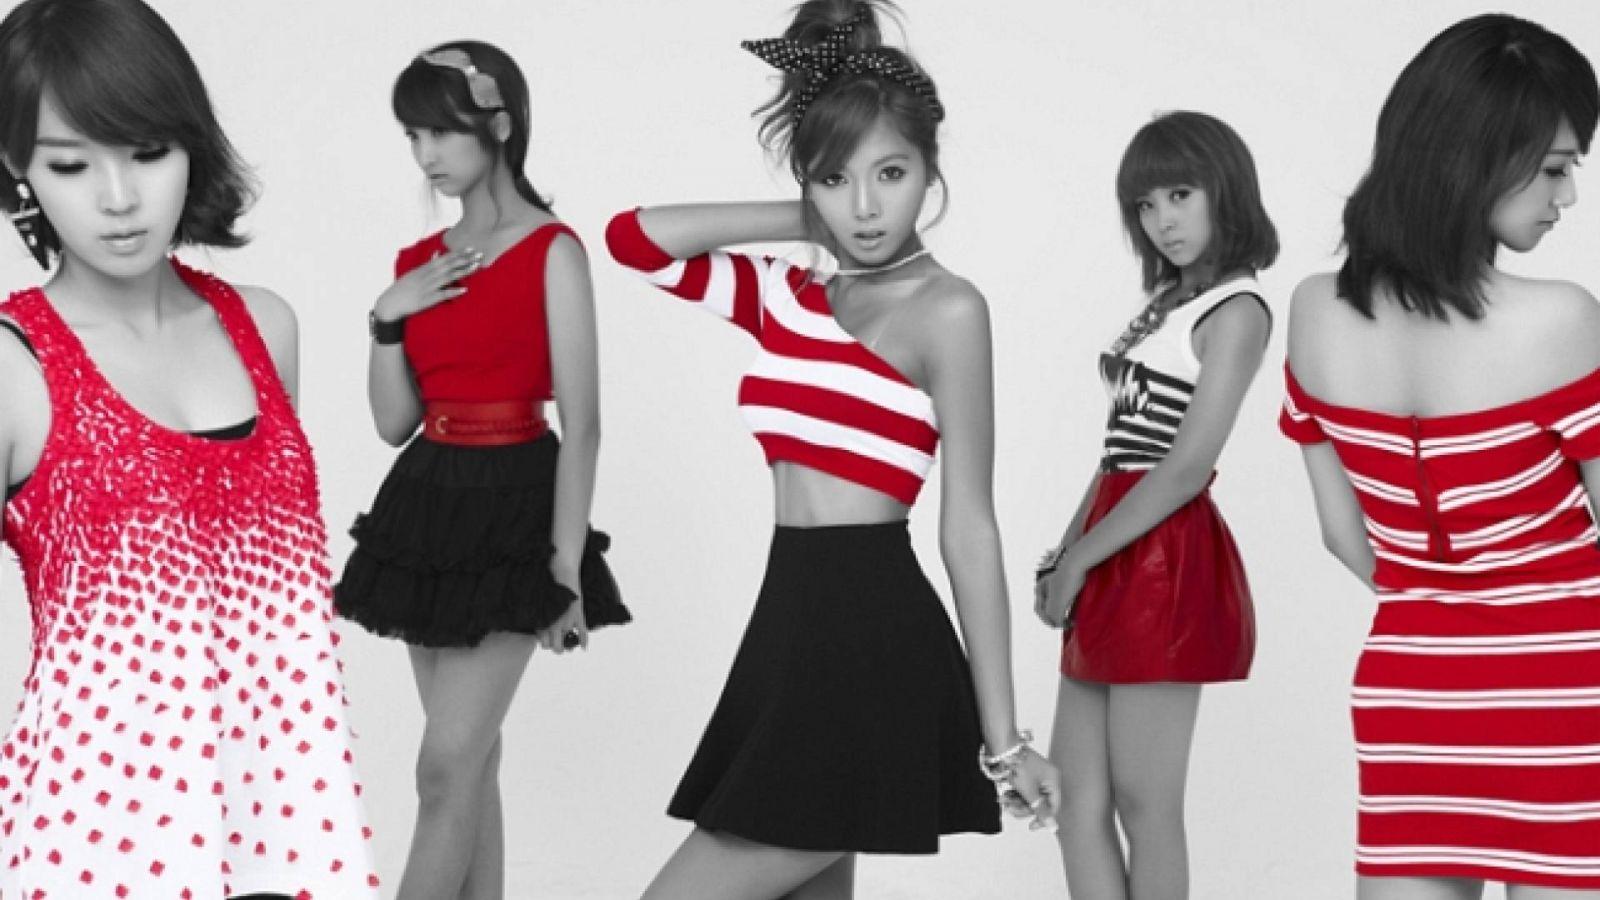 4Minute ja Lexy palaavat tänä vuonna © 4Minute